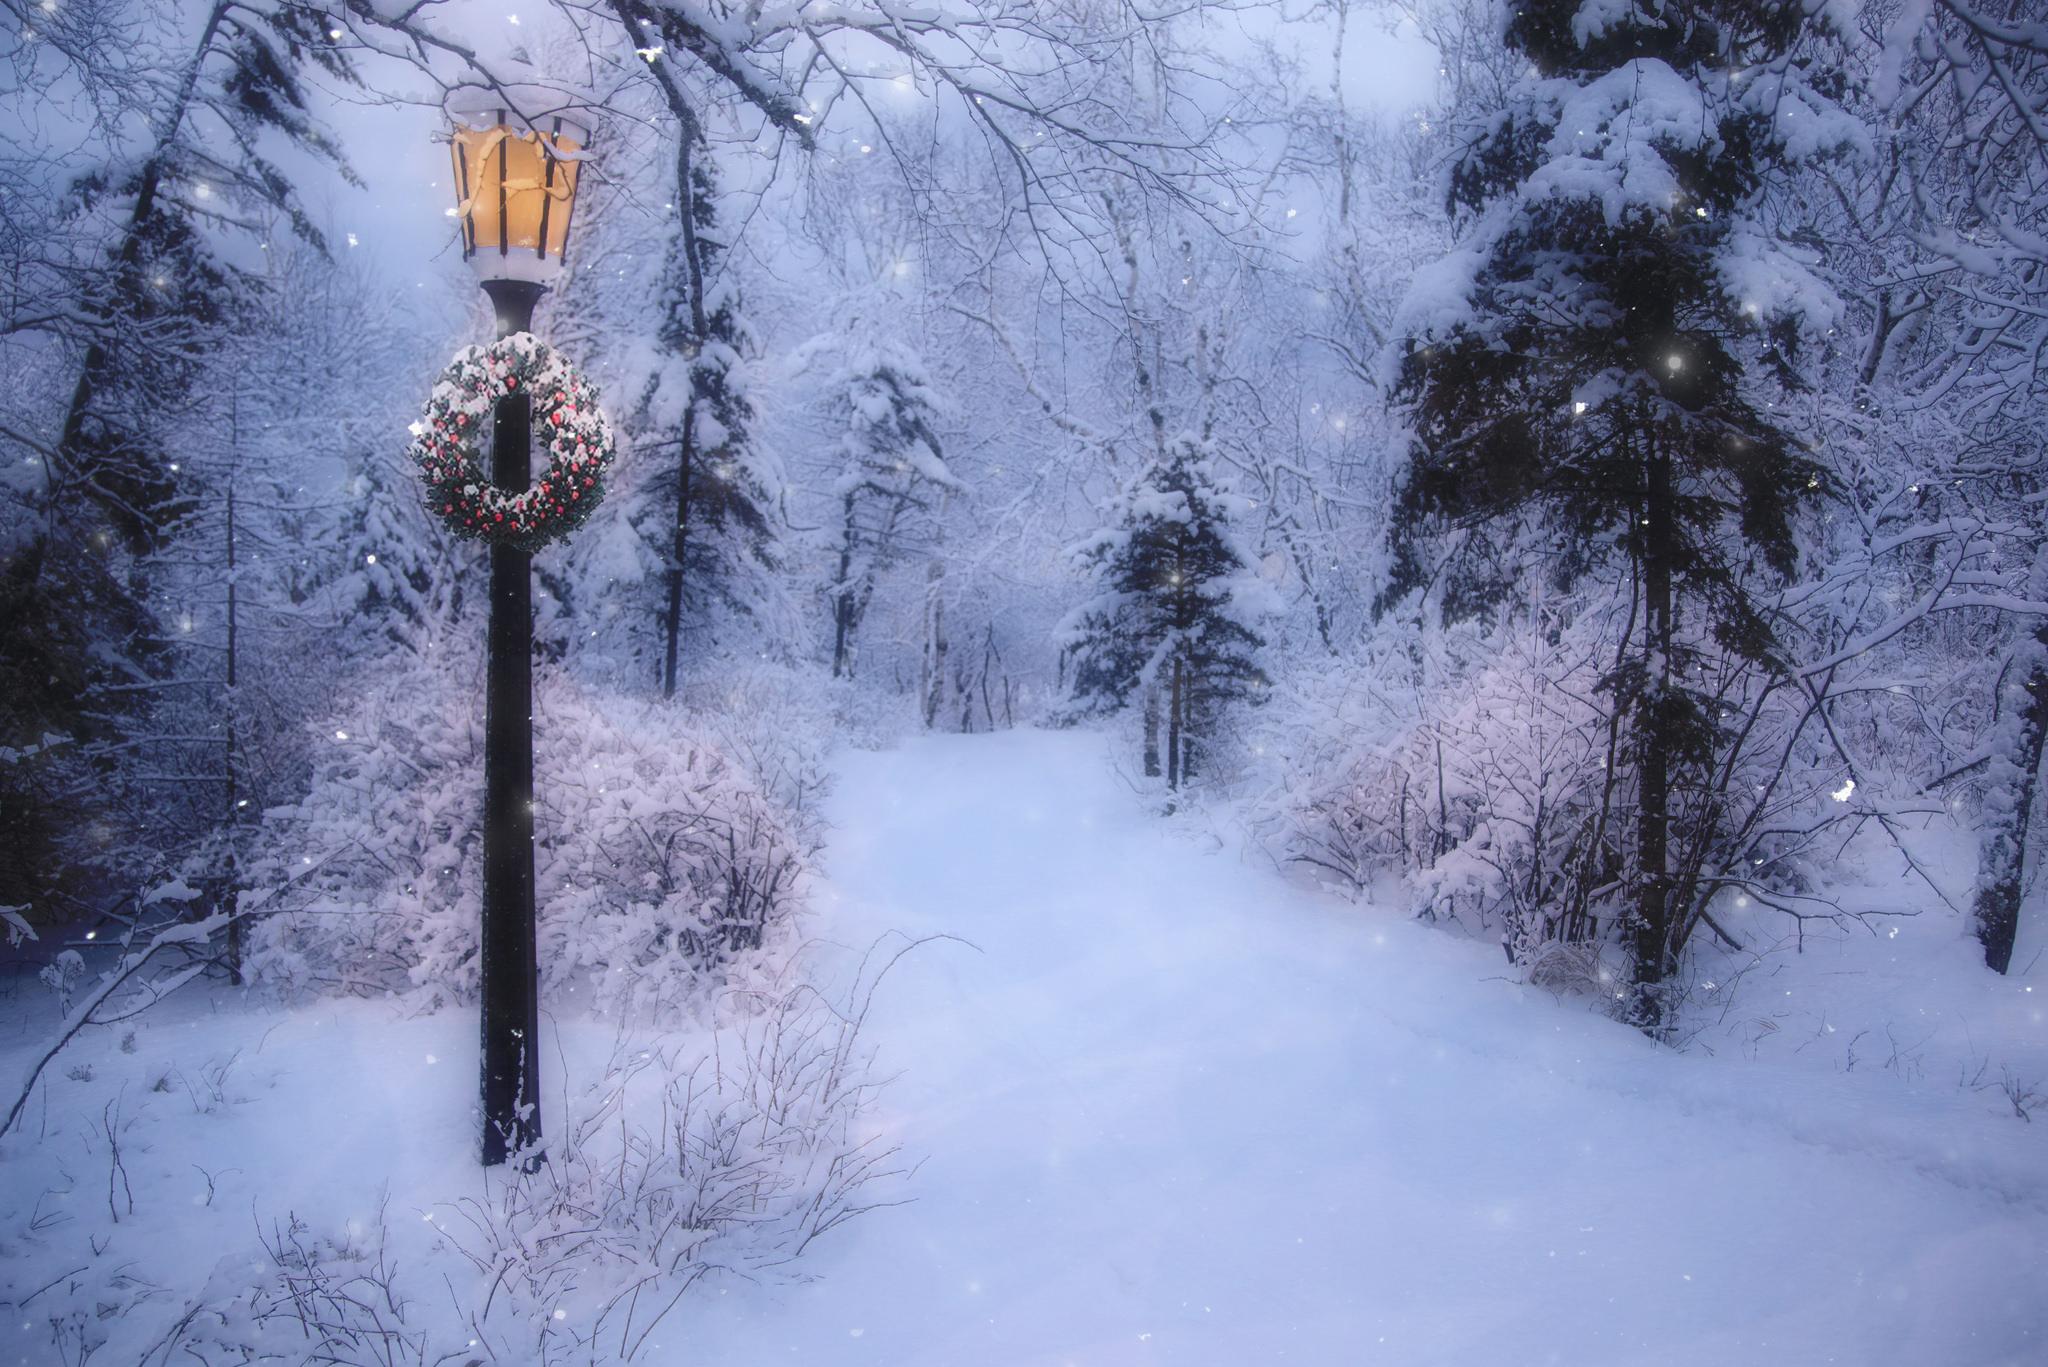 Snowy winter road at christmastime hd wallpaper for Immagini inverno sfondi